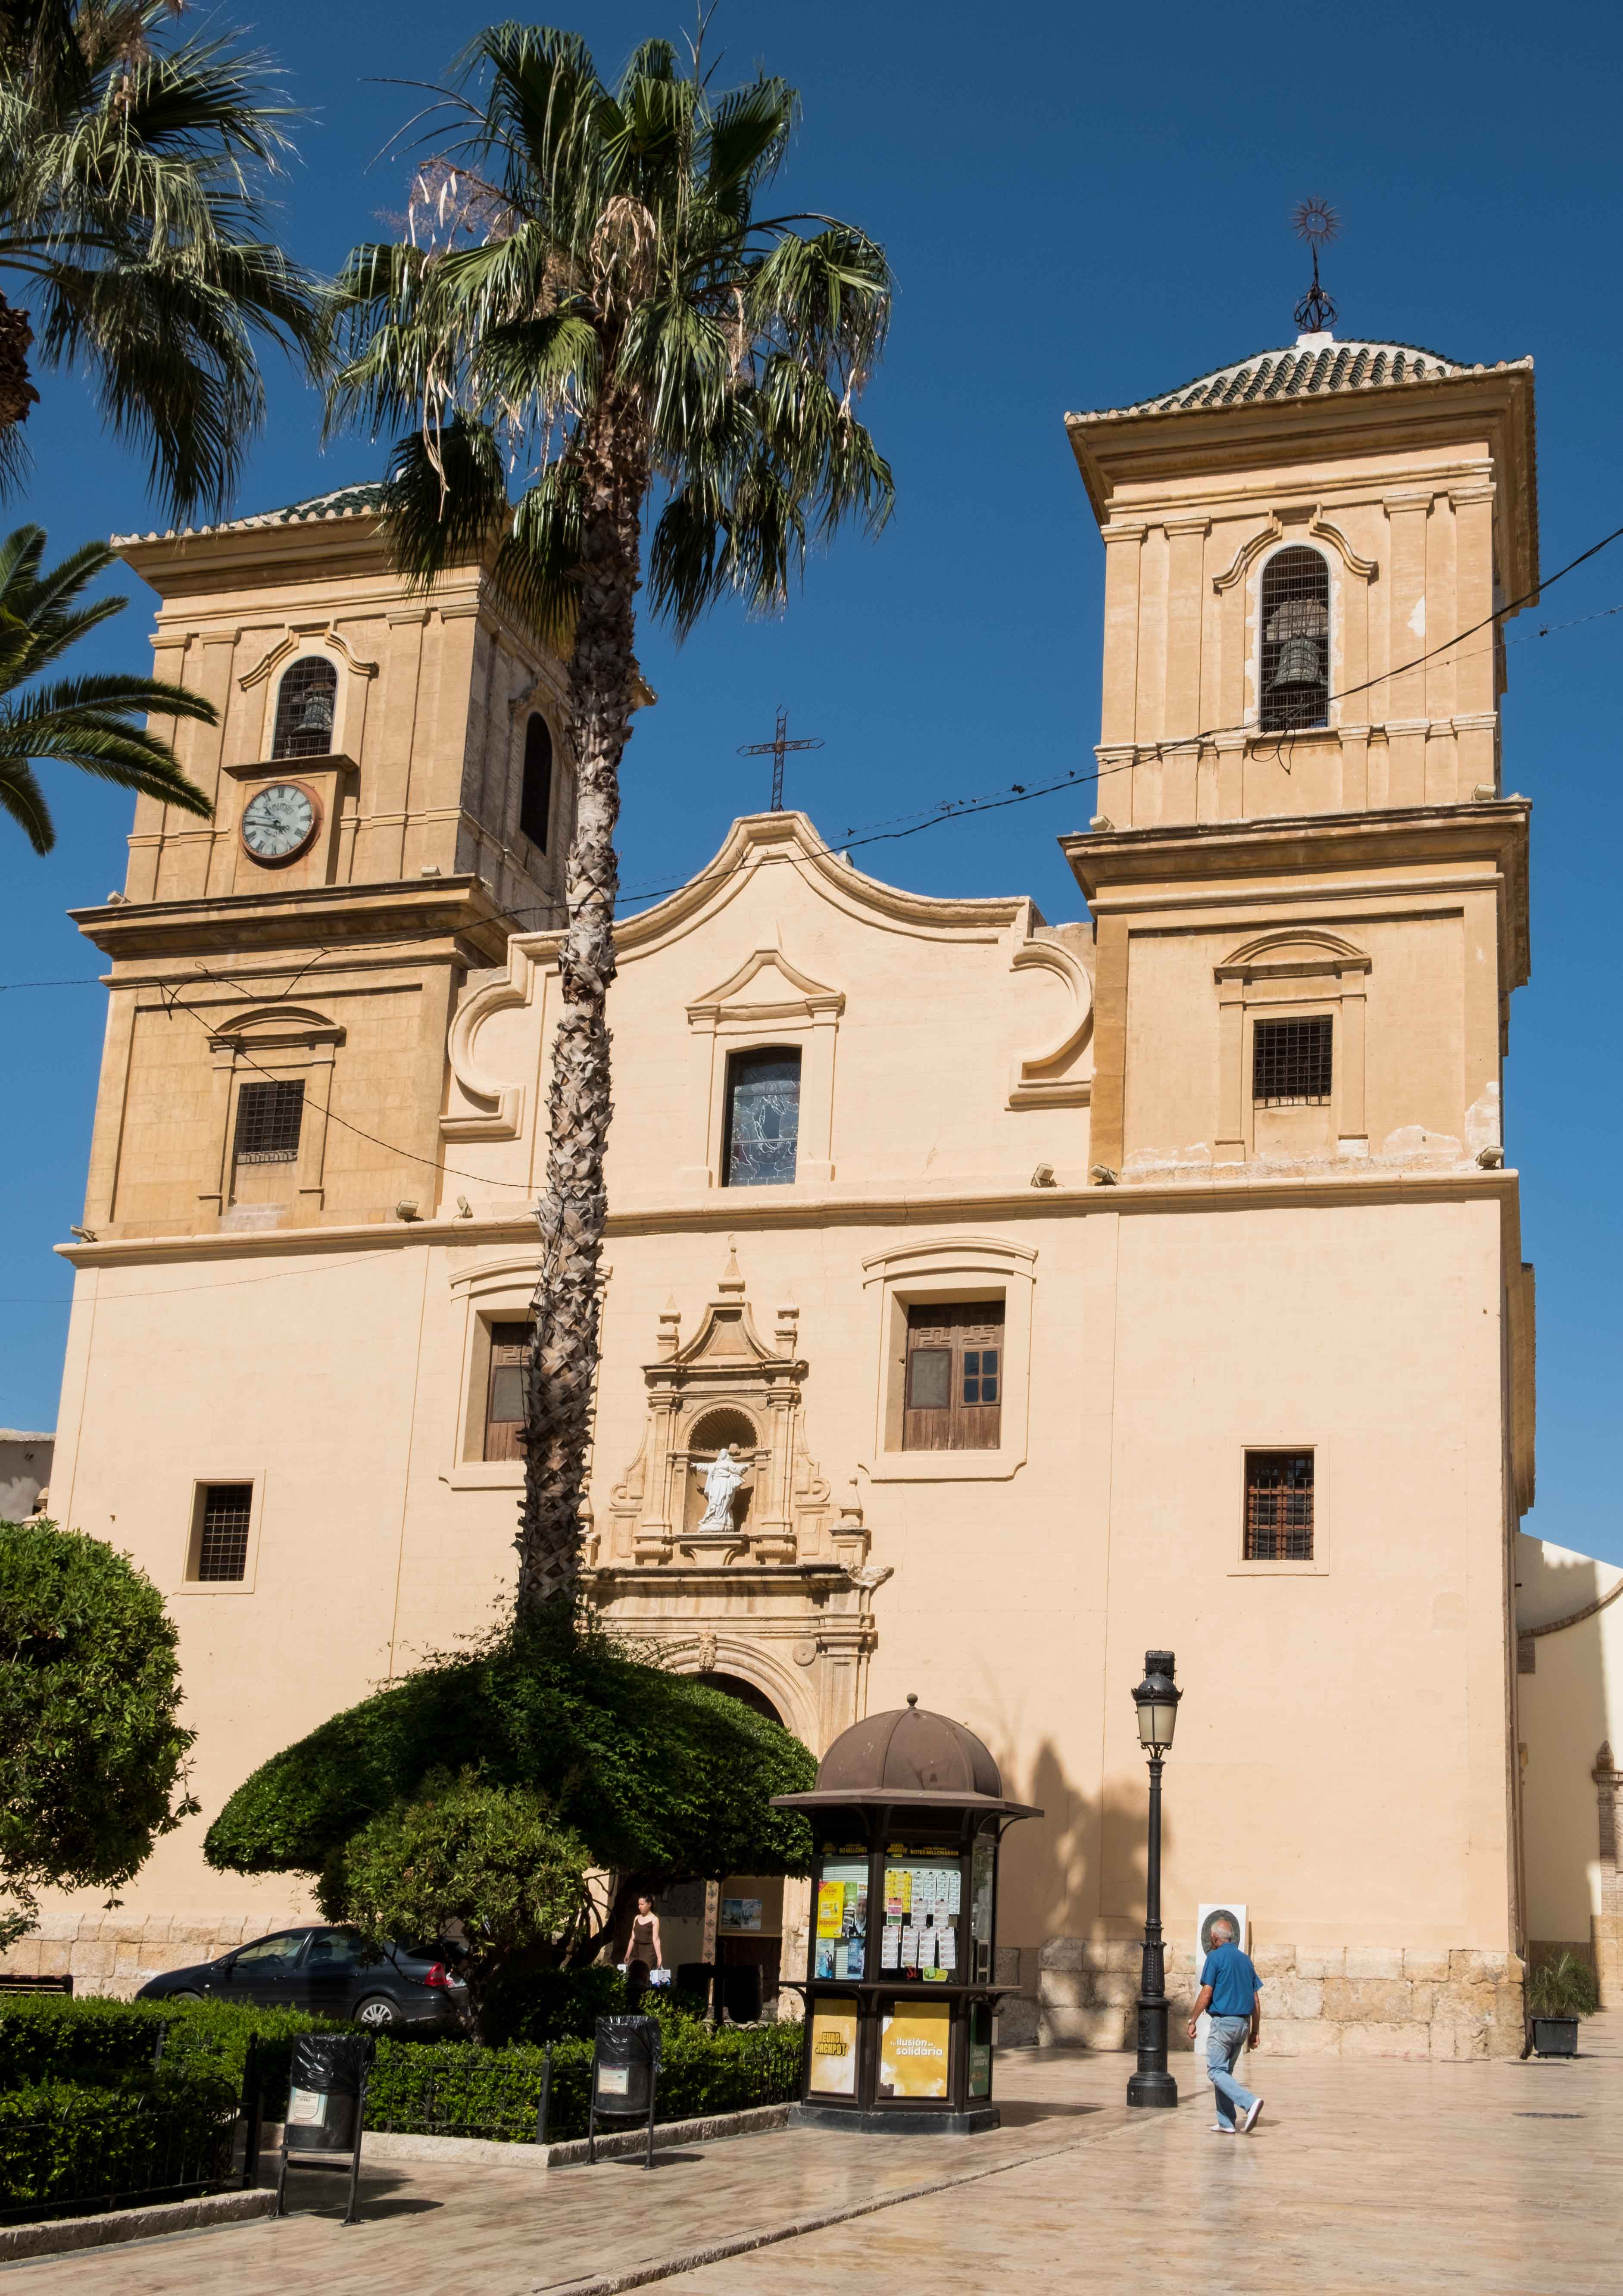 Vista exterior de la iglesia parroquial © Fotografía: Paco Bonilla